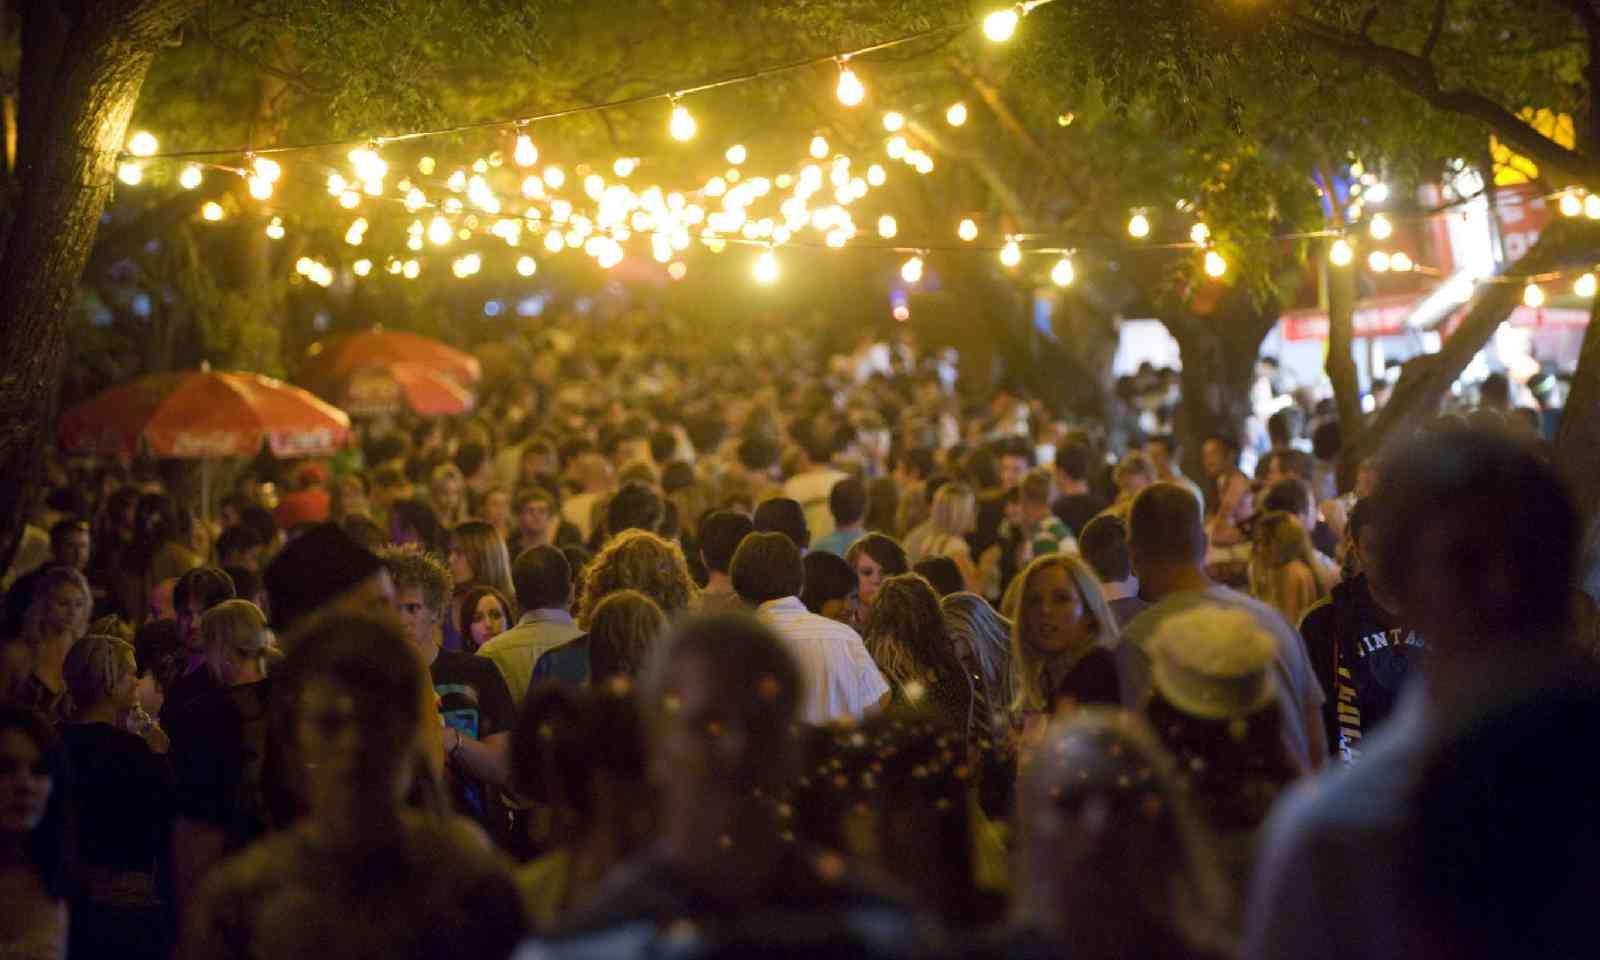 Adelaide festival (SATC)